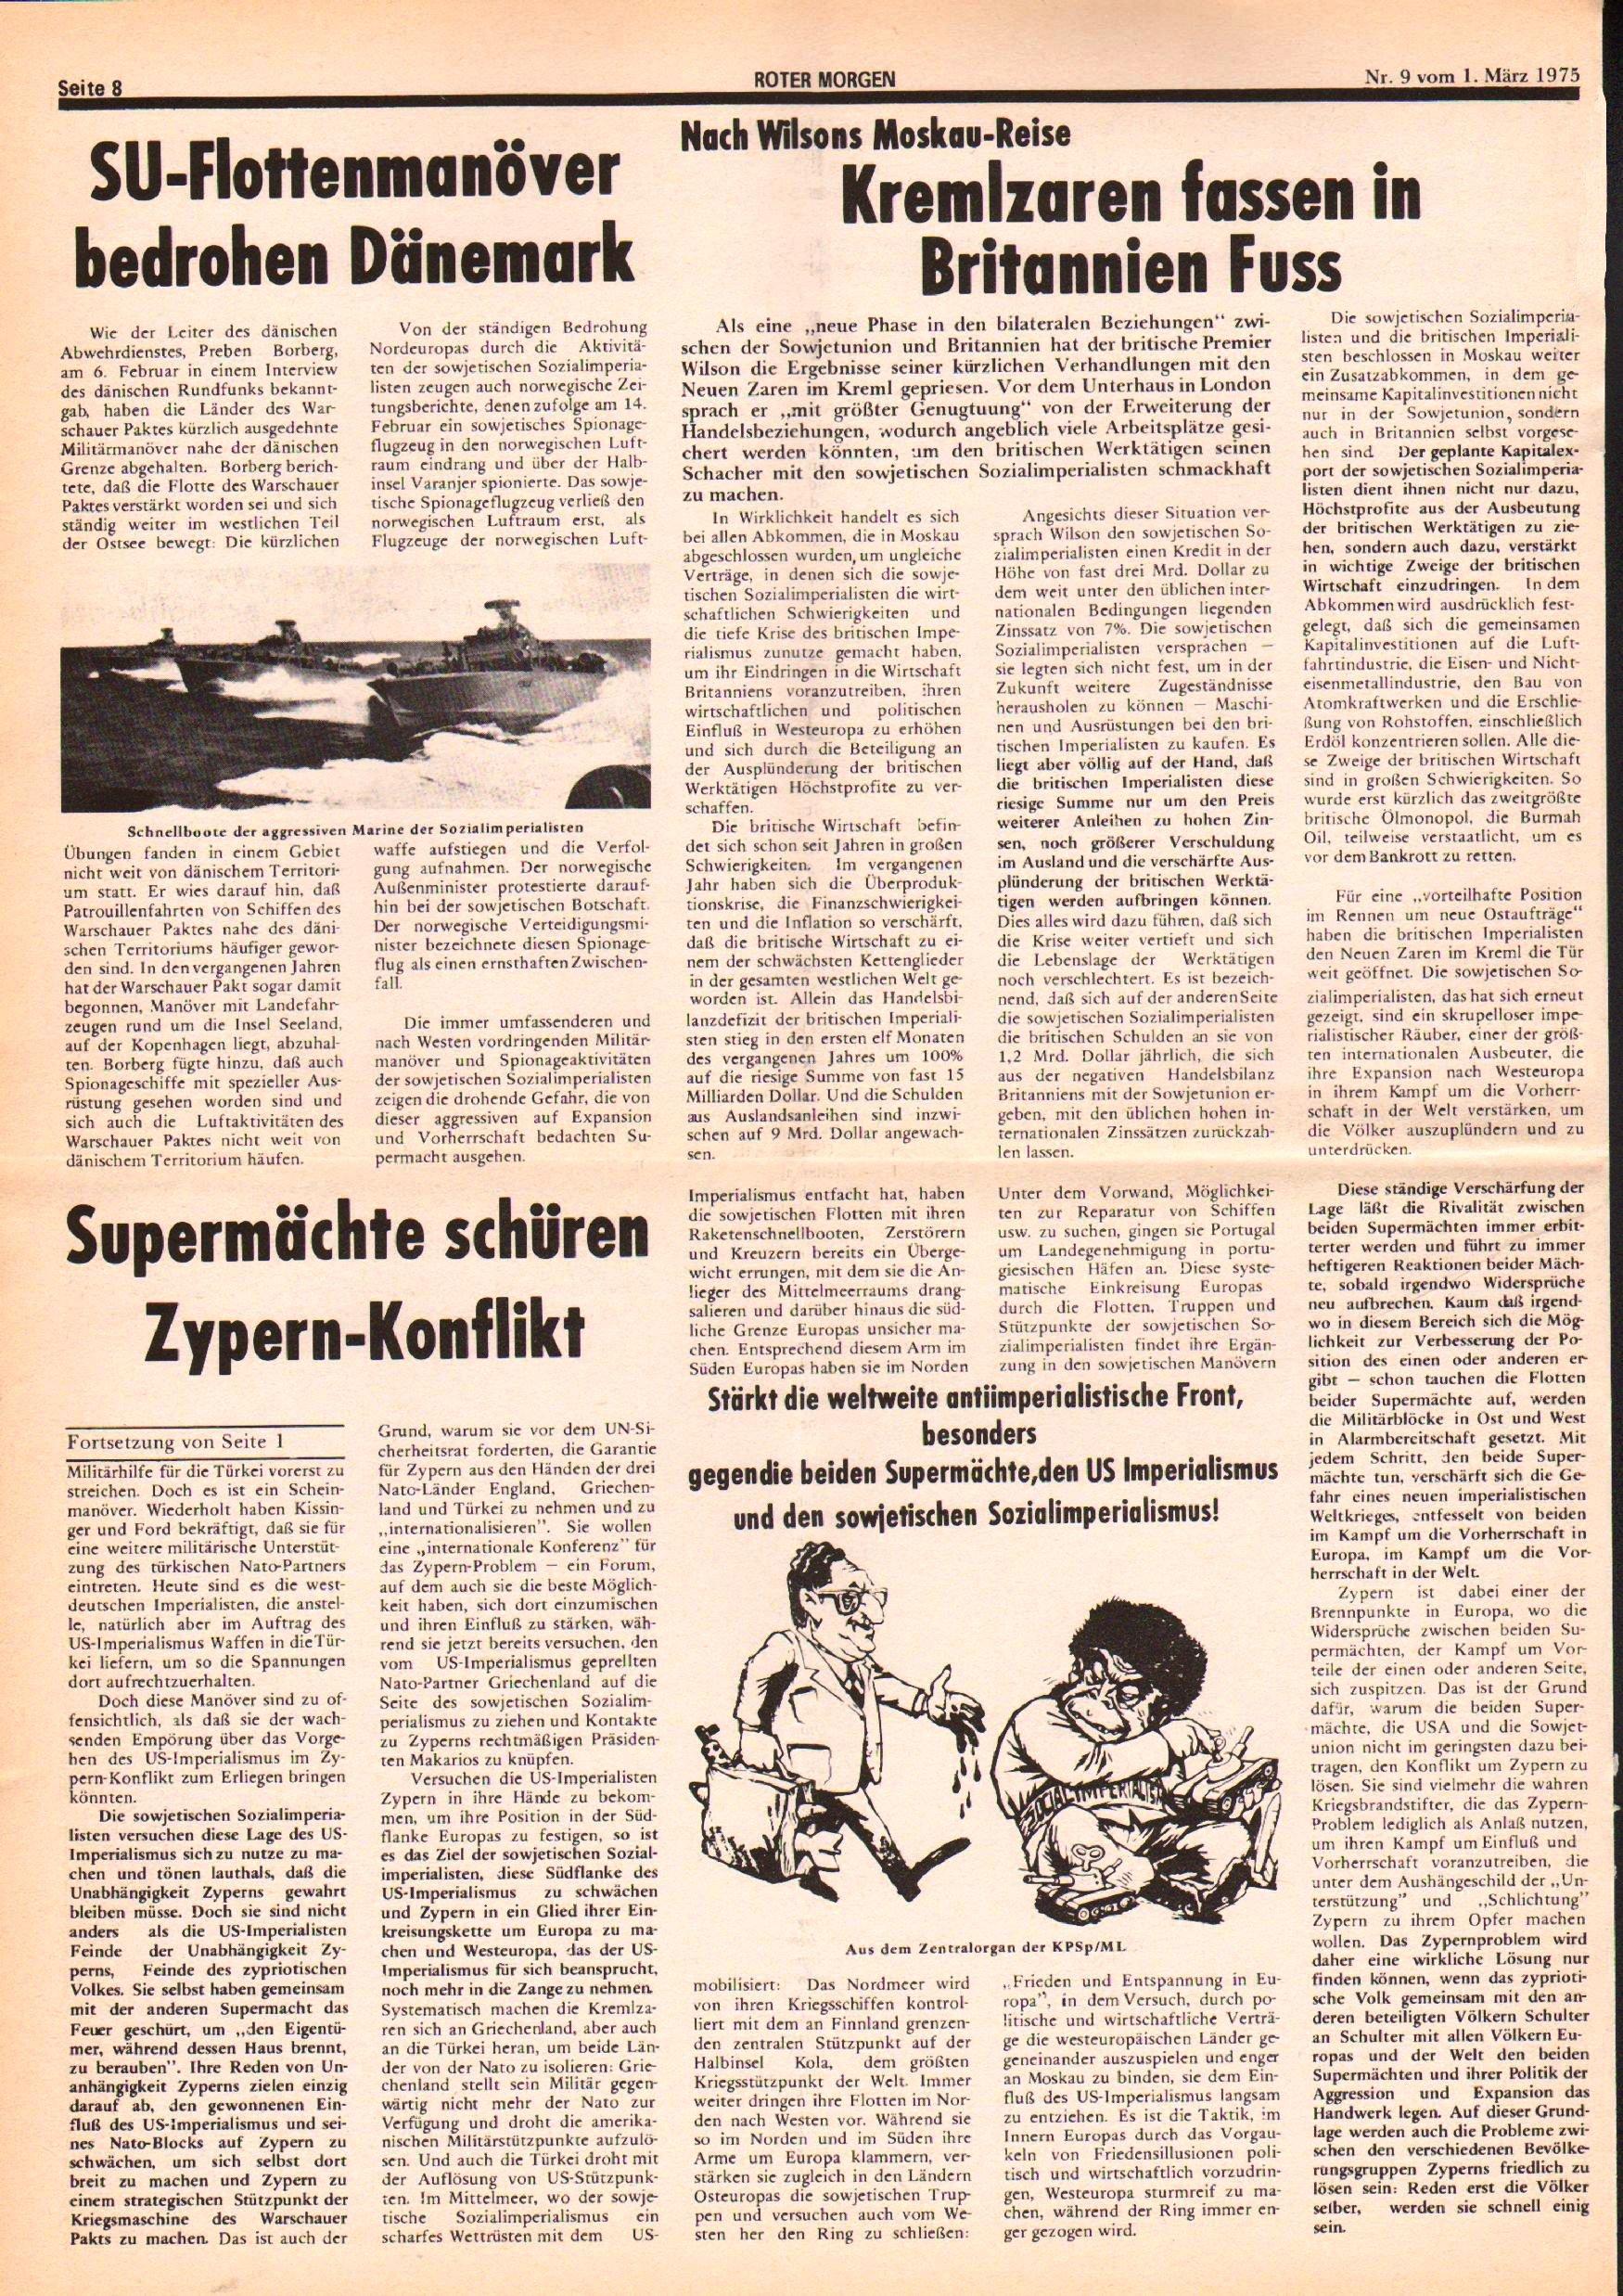 Roter Morgen, 9. Jg., 1. März 1975, Nr. 9, Seite 8